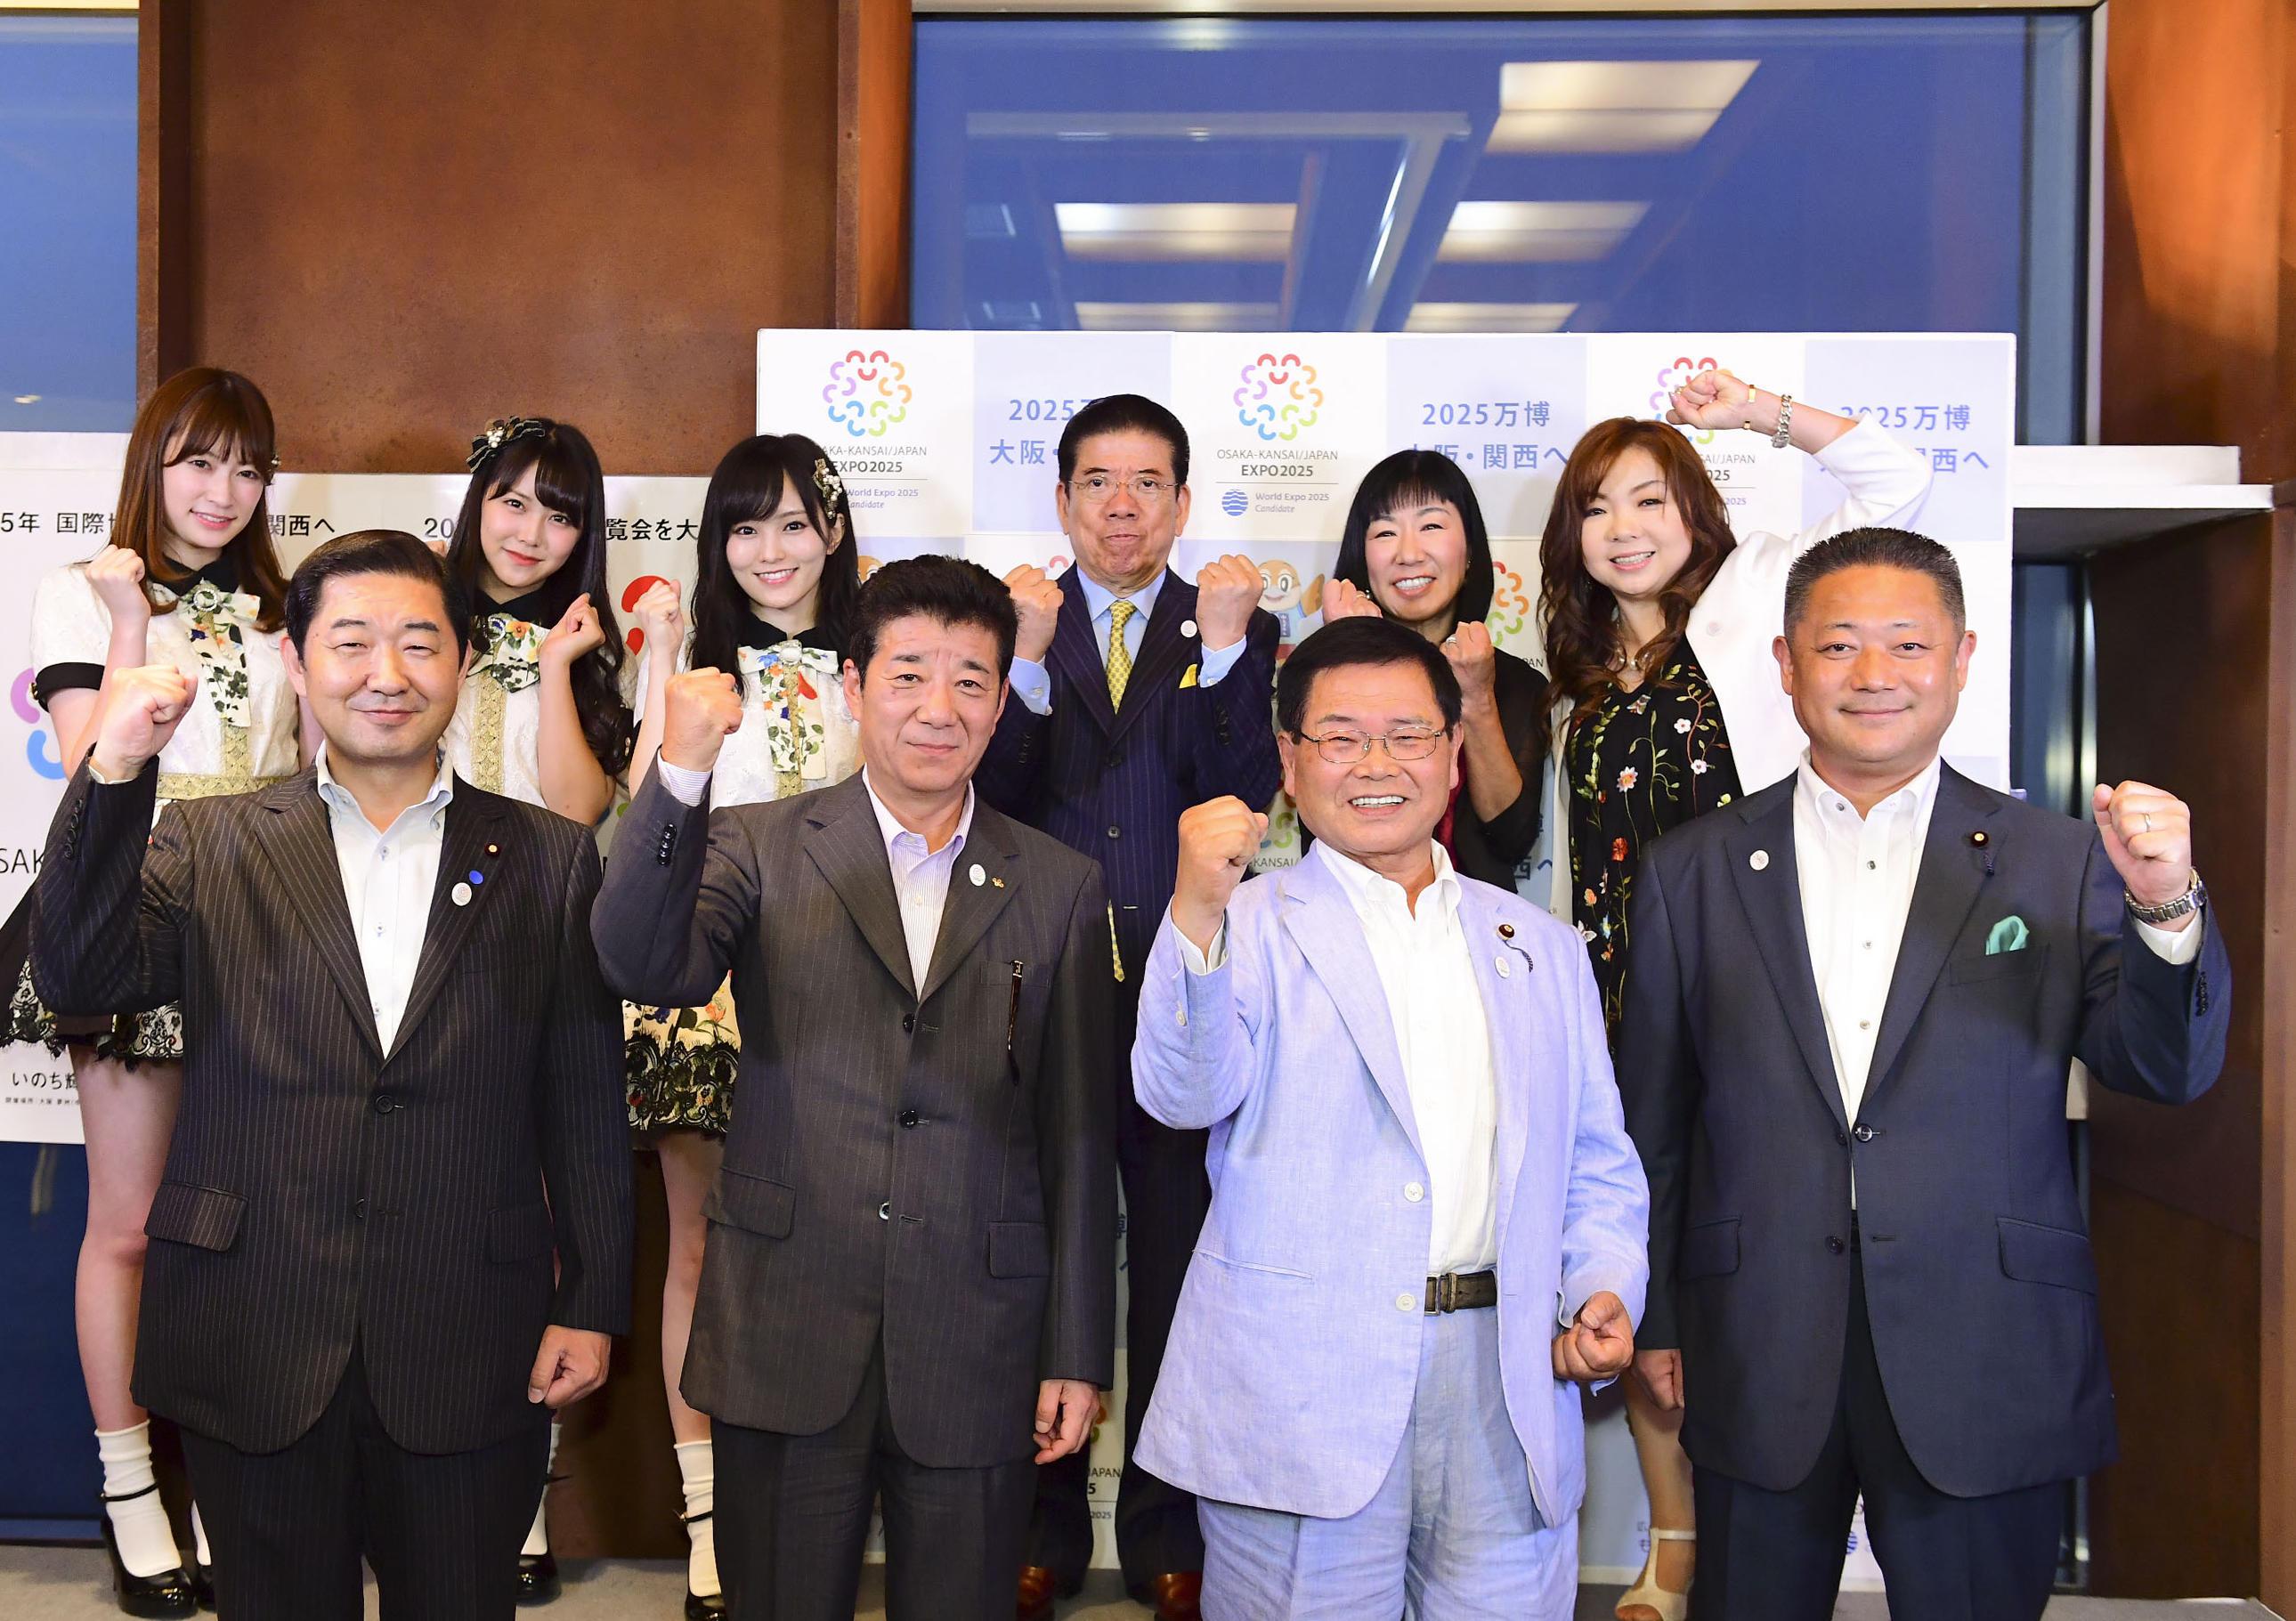 http://news.yoshimoto.co.jp/20170729012843-aa7b5bcc3391545ebed046c13876f68403901b28.jpg